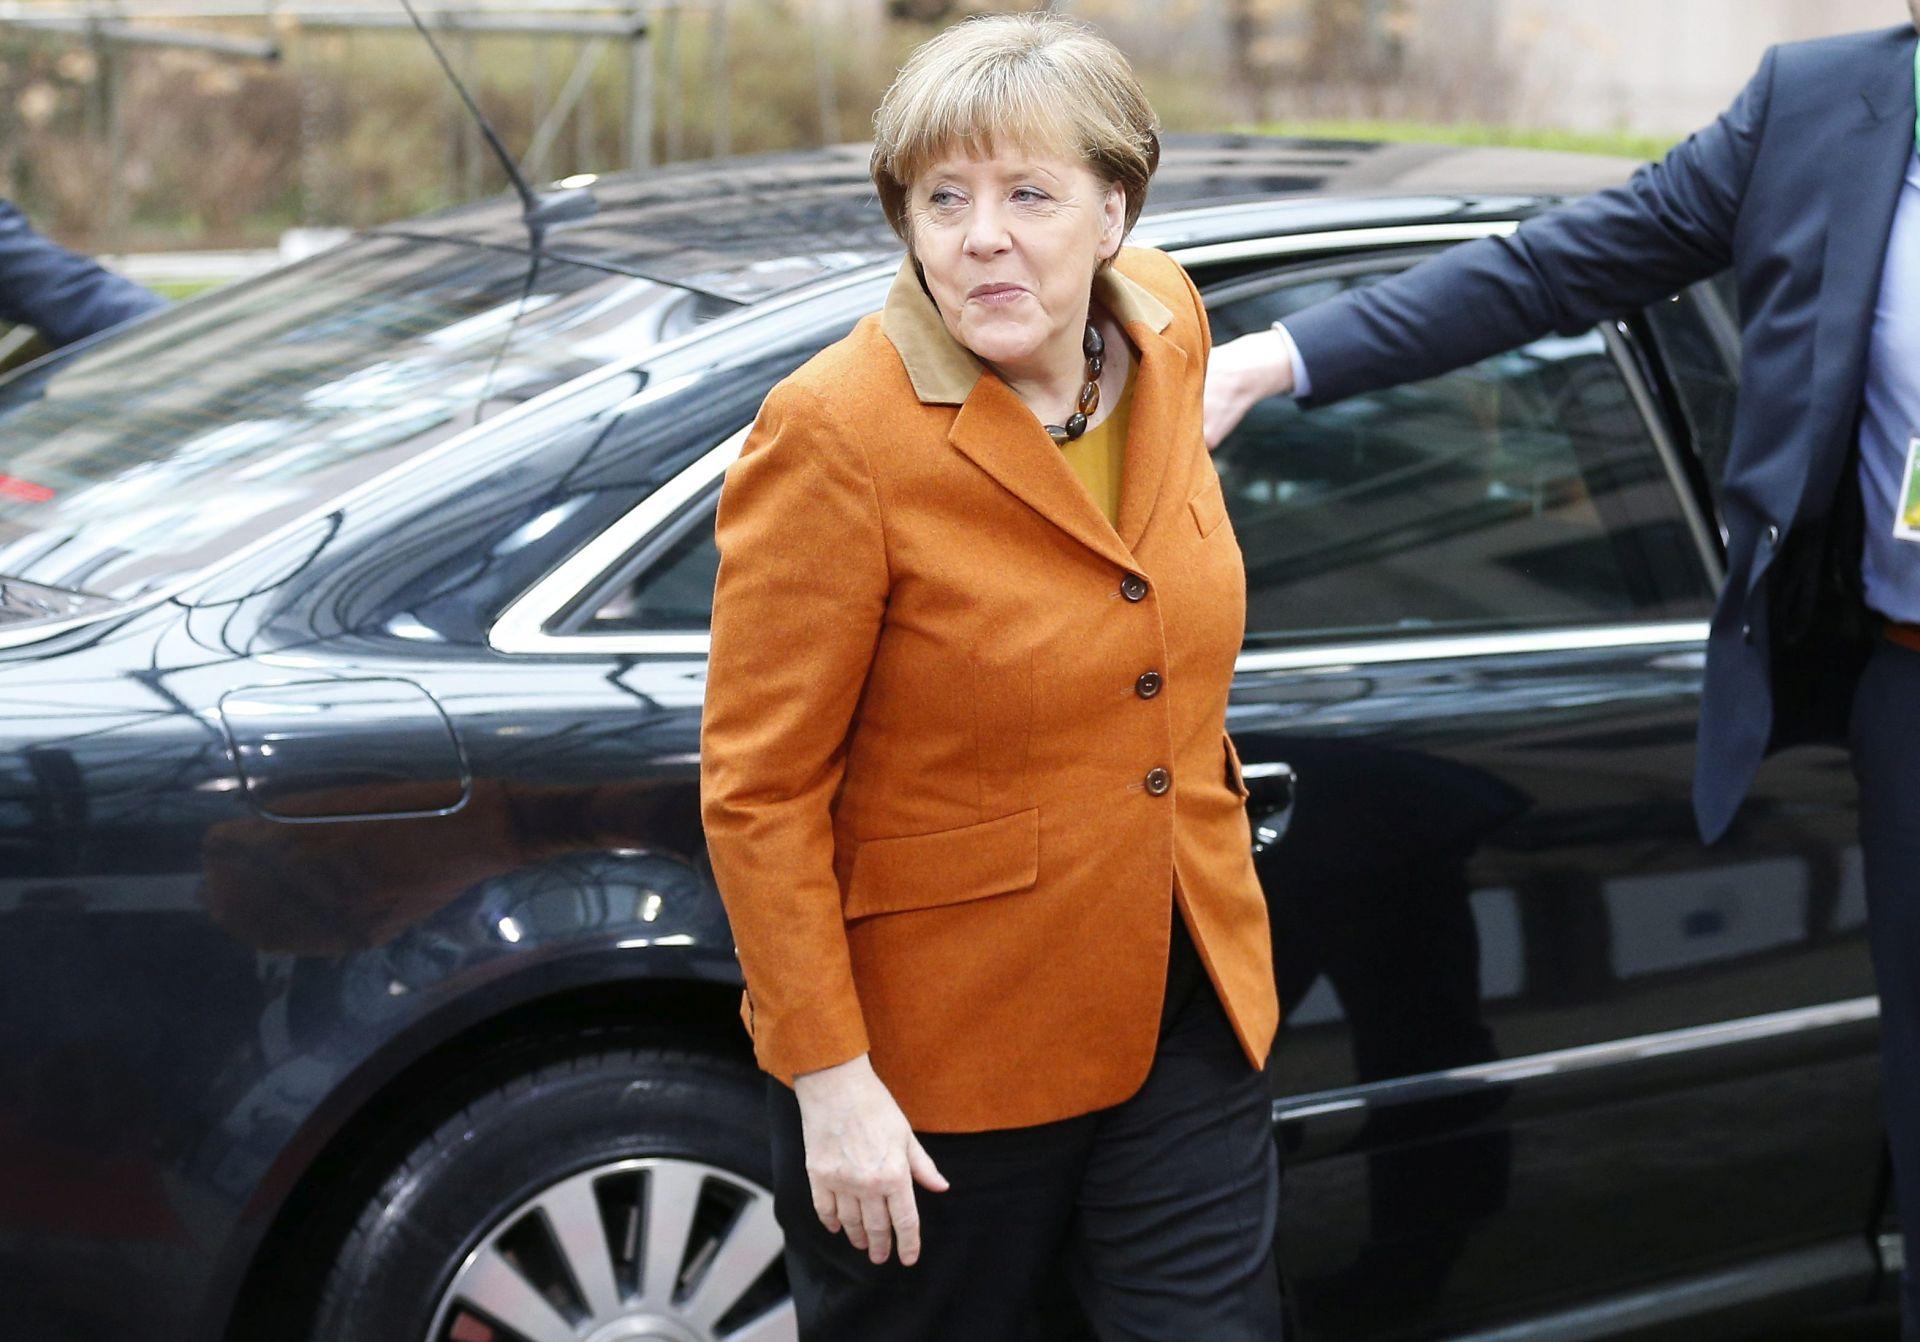 EU-TURSKA: Merkel nije zabrinuta za sporazum nakon Erdoganove prijetnje